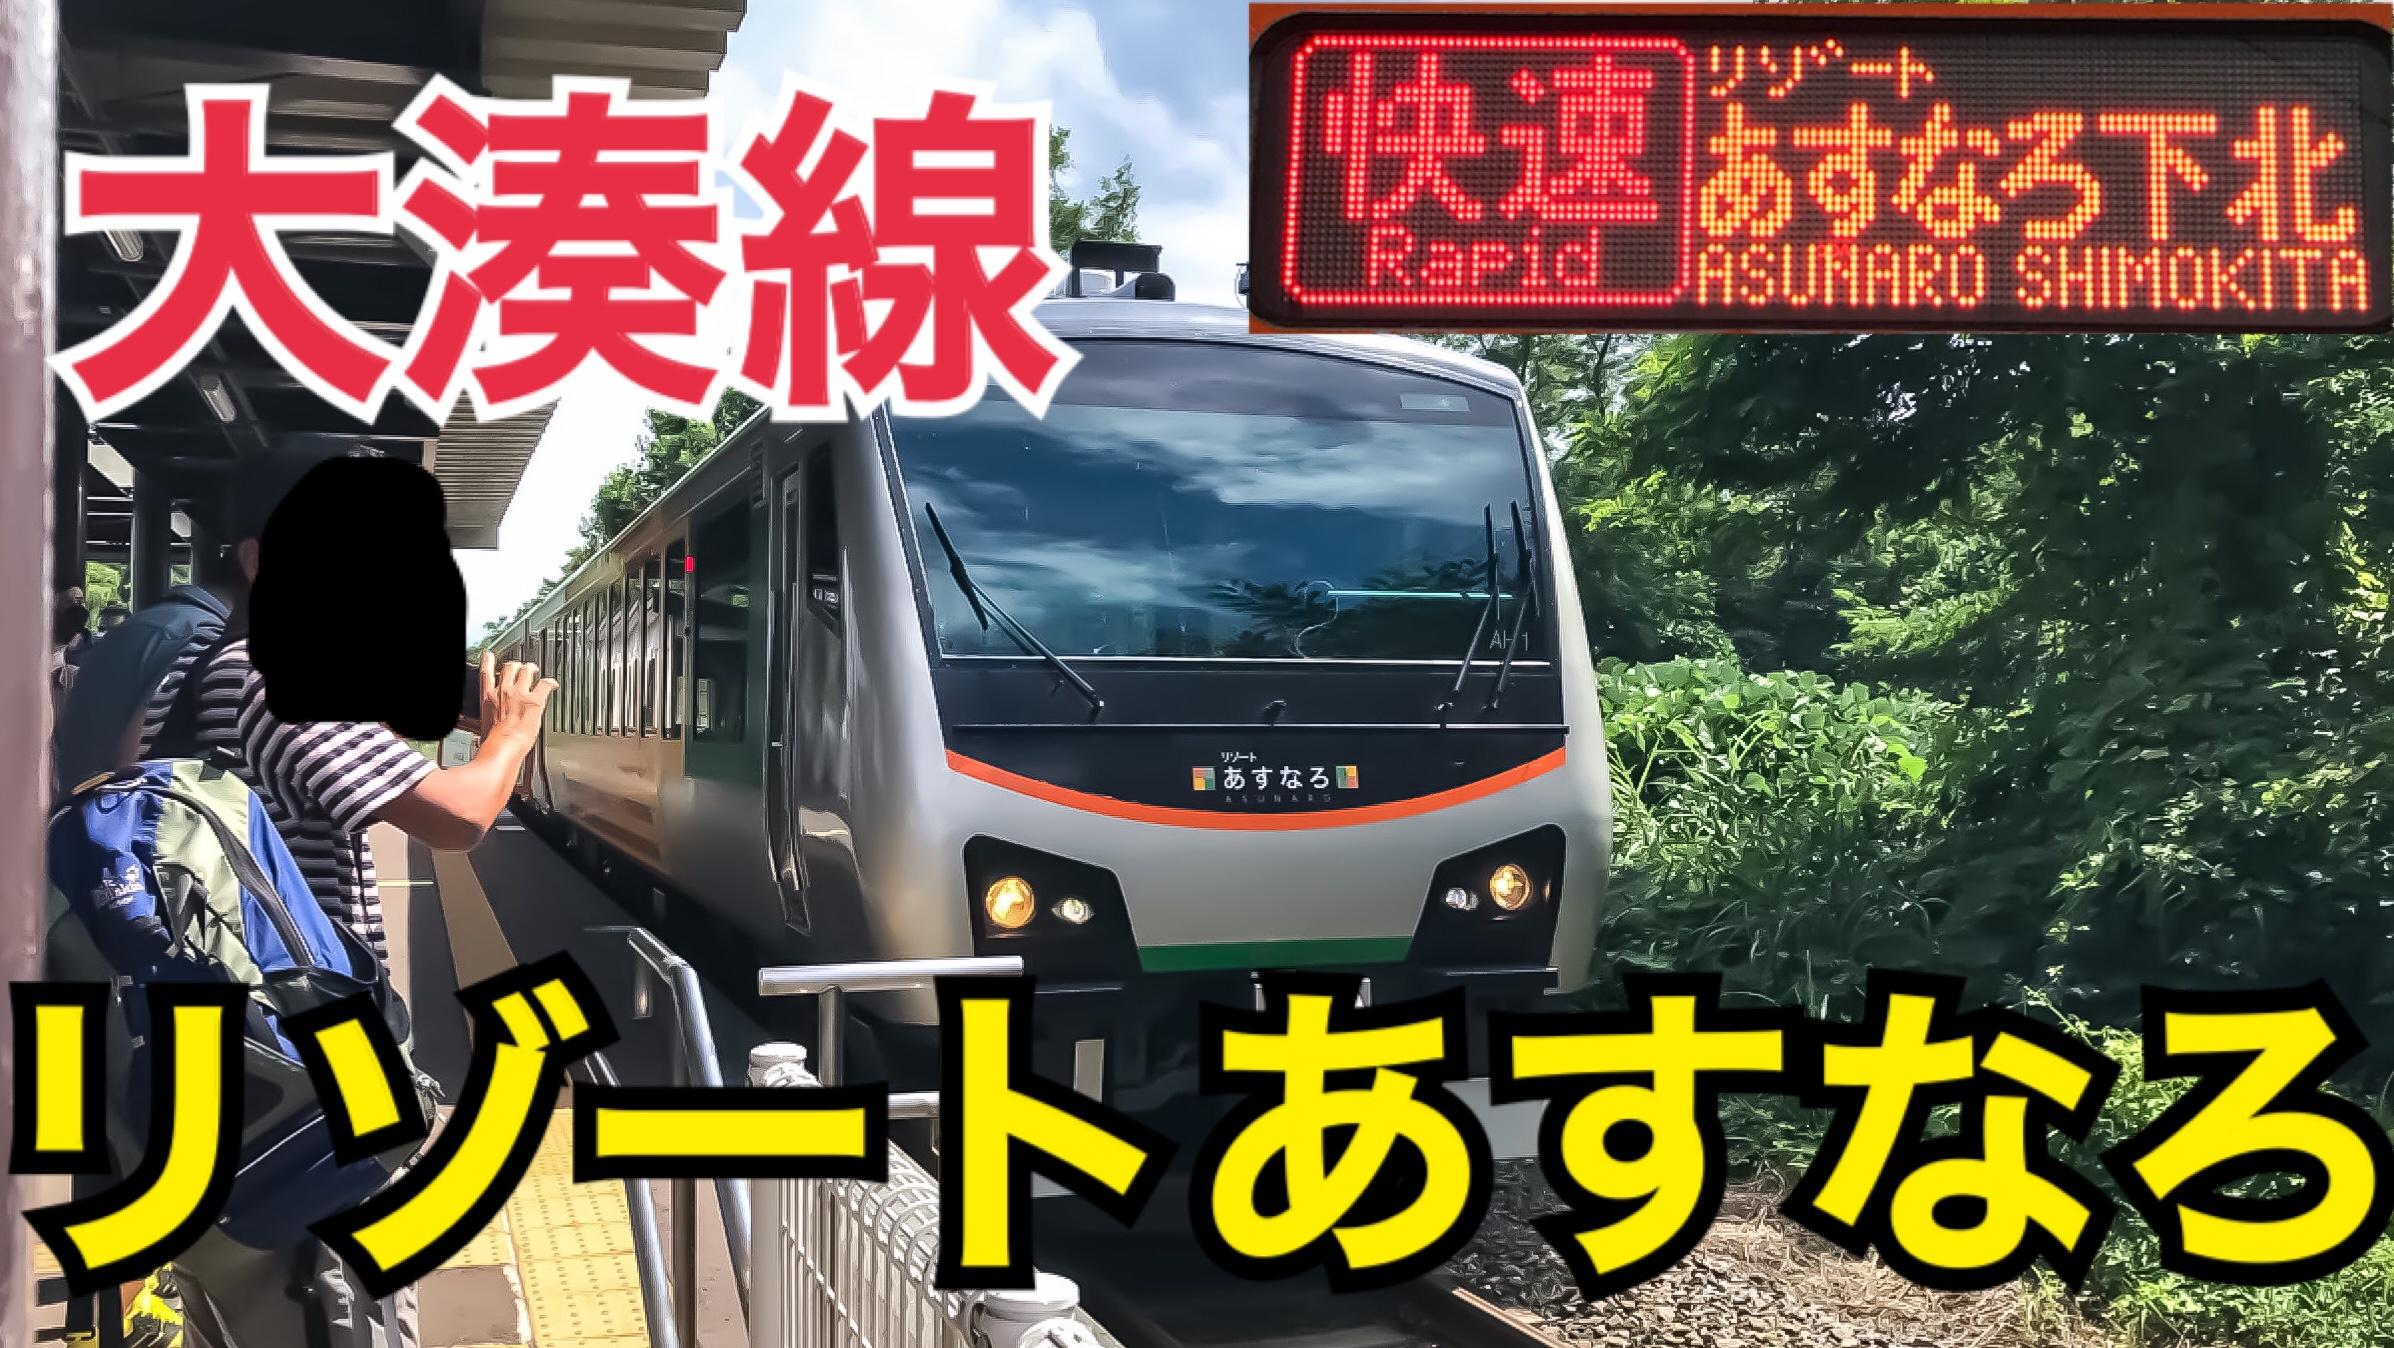 高速運転!リゾートあすなろ下北乗車記 リゾートあすなろで下北半島の旅【北海道東日本パスの旅2020】